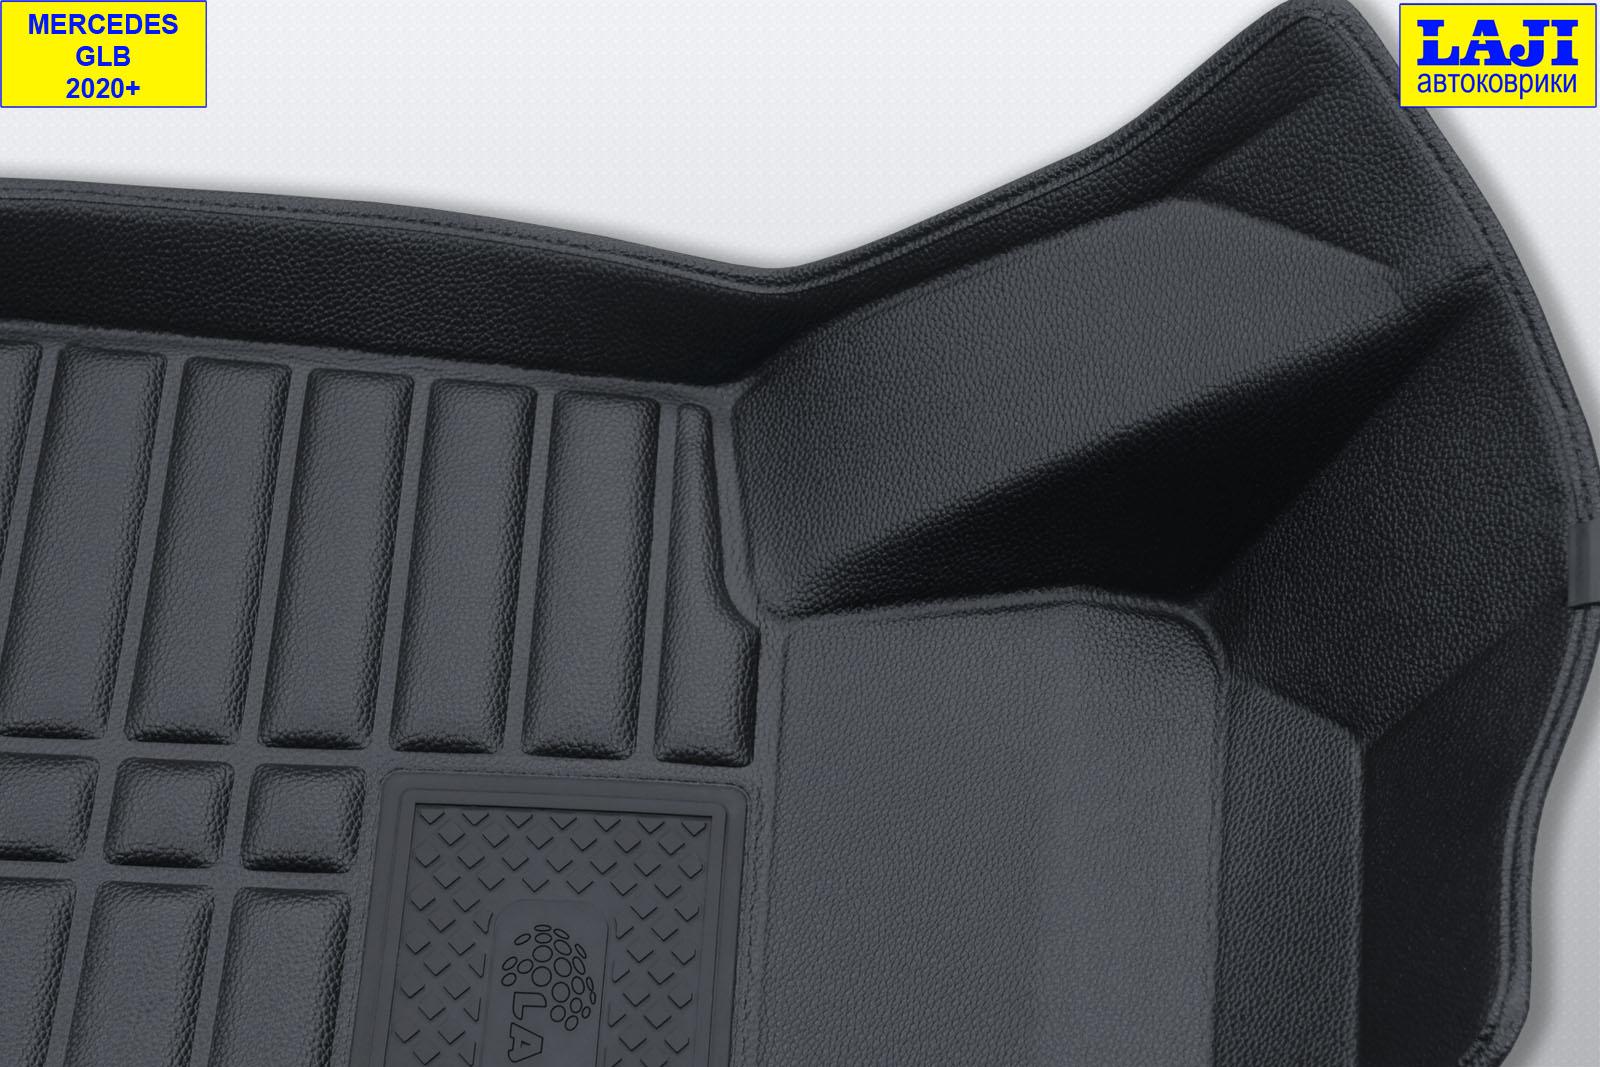 5D коврики в салон Mercedes GLB 2020-н.в. 6